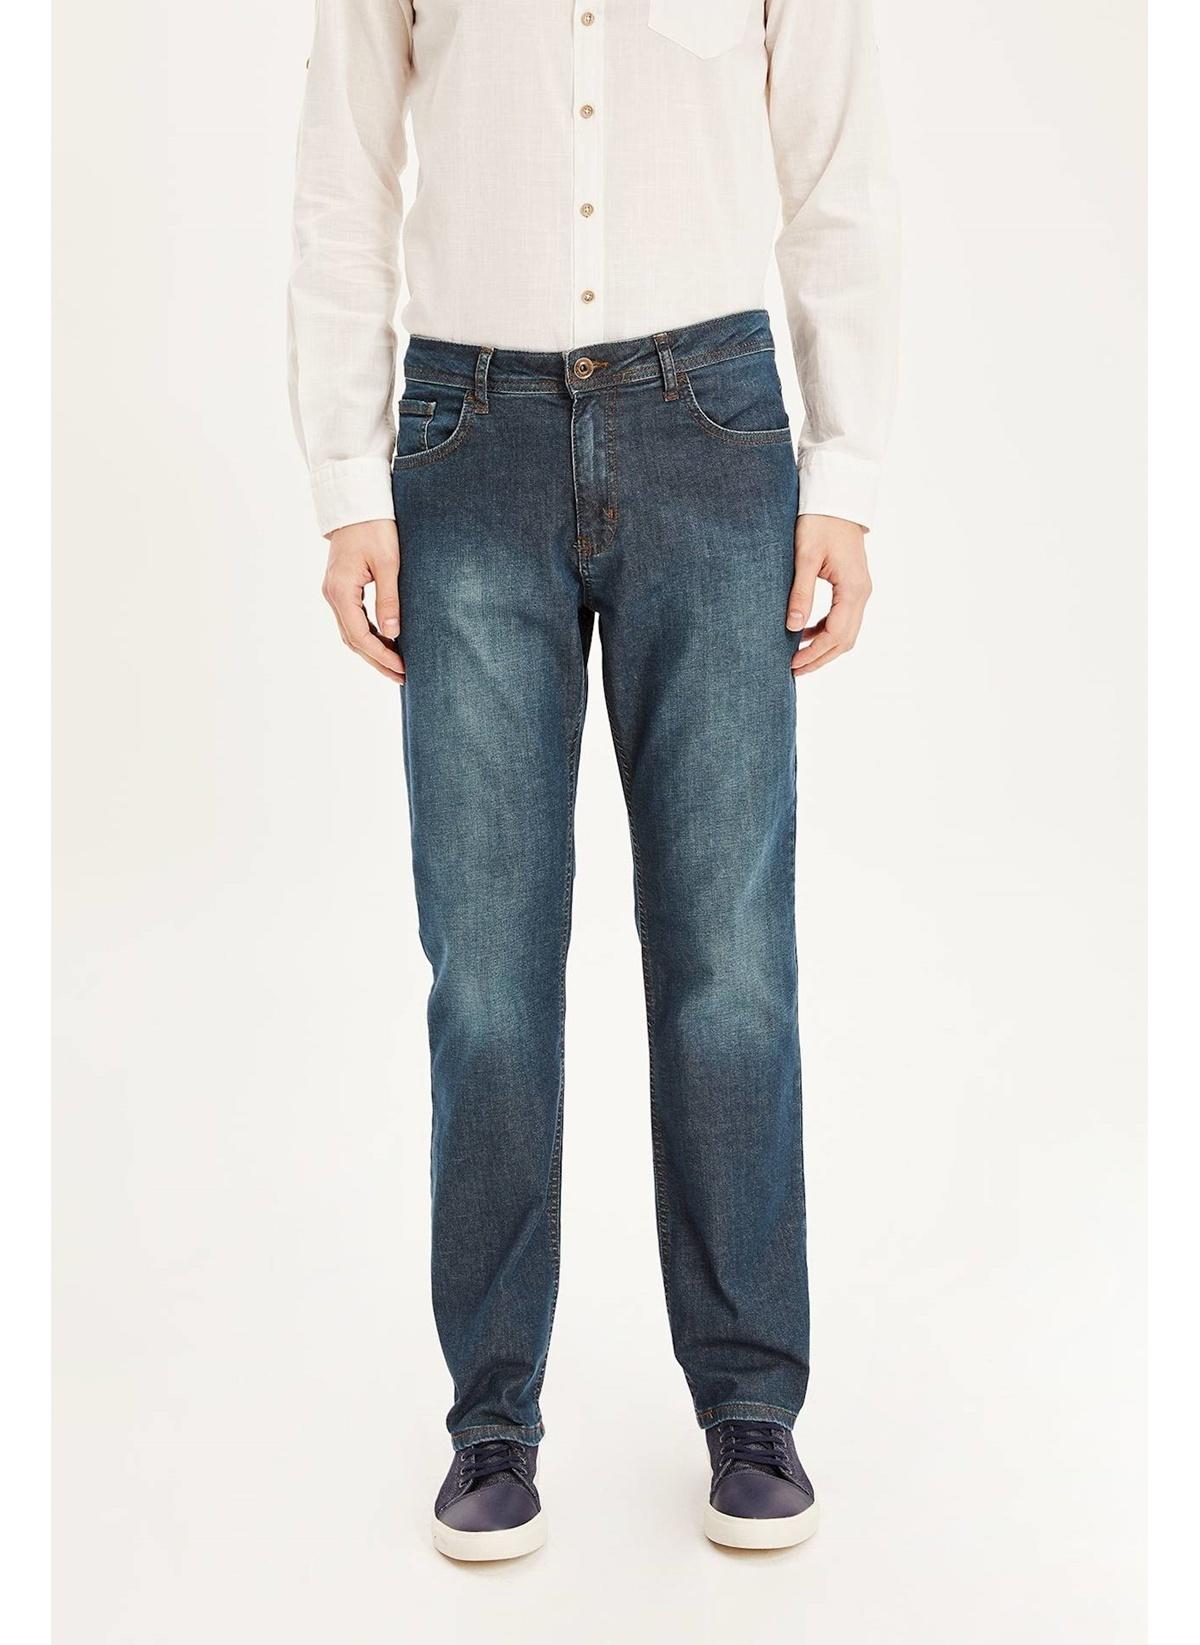 Defacto Diago Comfort Fit Jean Pantolon K4026az19spnm41 Jean Pantolon – 89.99 TL